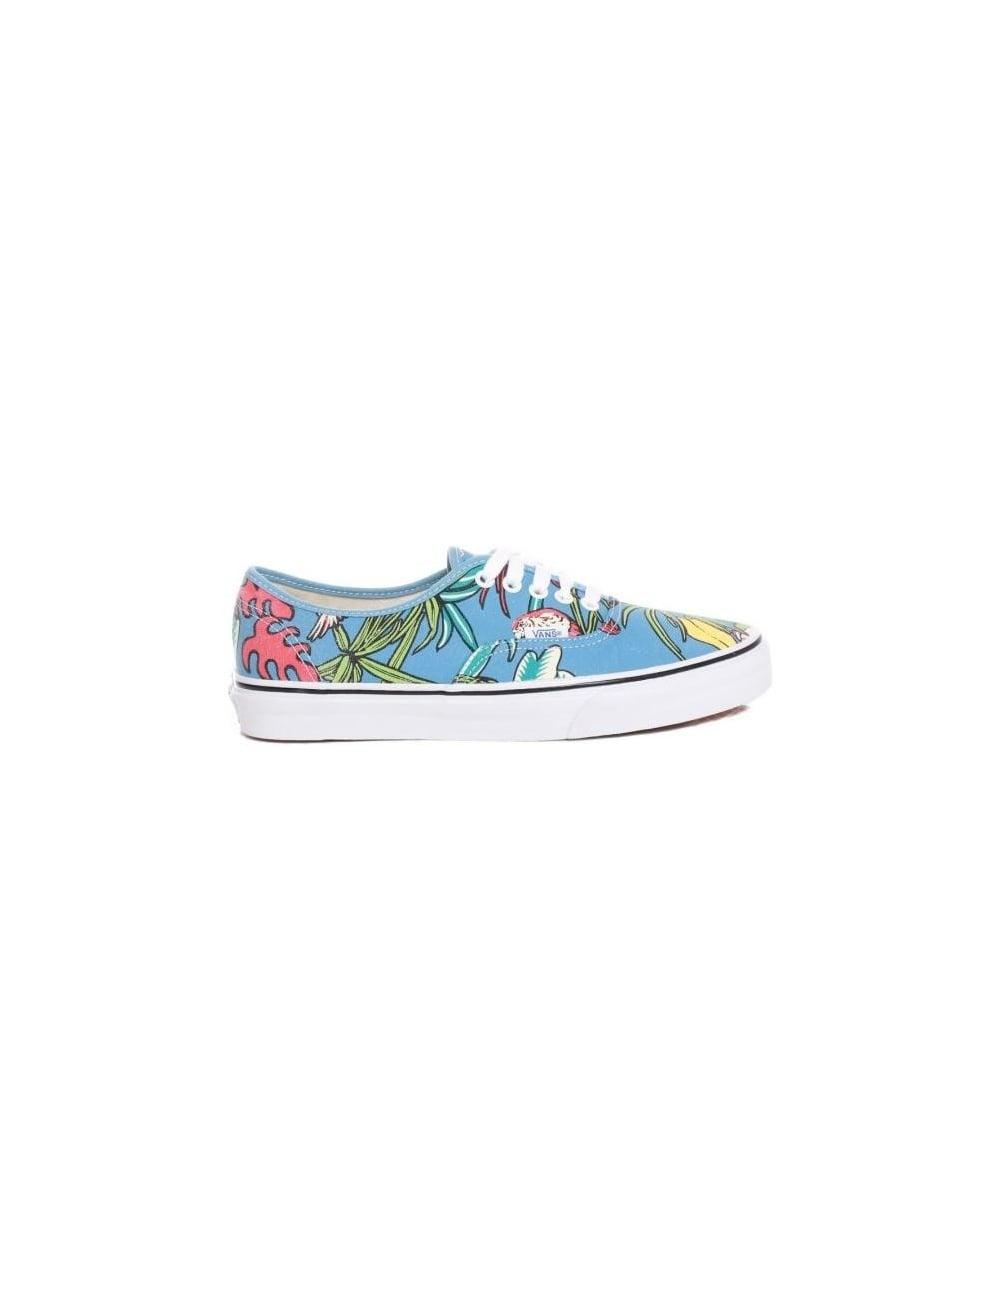 fc45405729 Vans California Authentic - Parrot (Van Doren) - Footwear from Fat ...